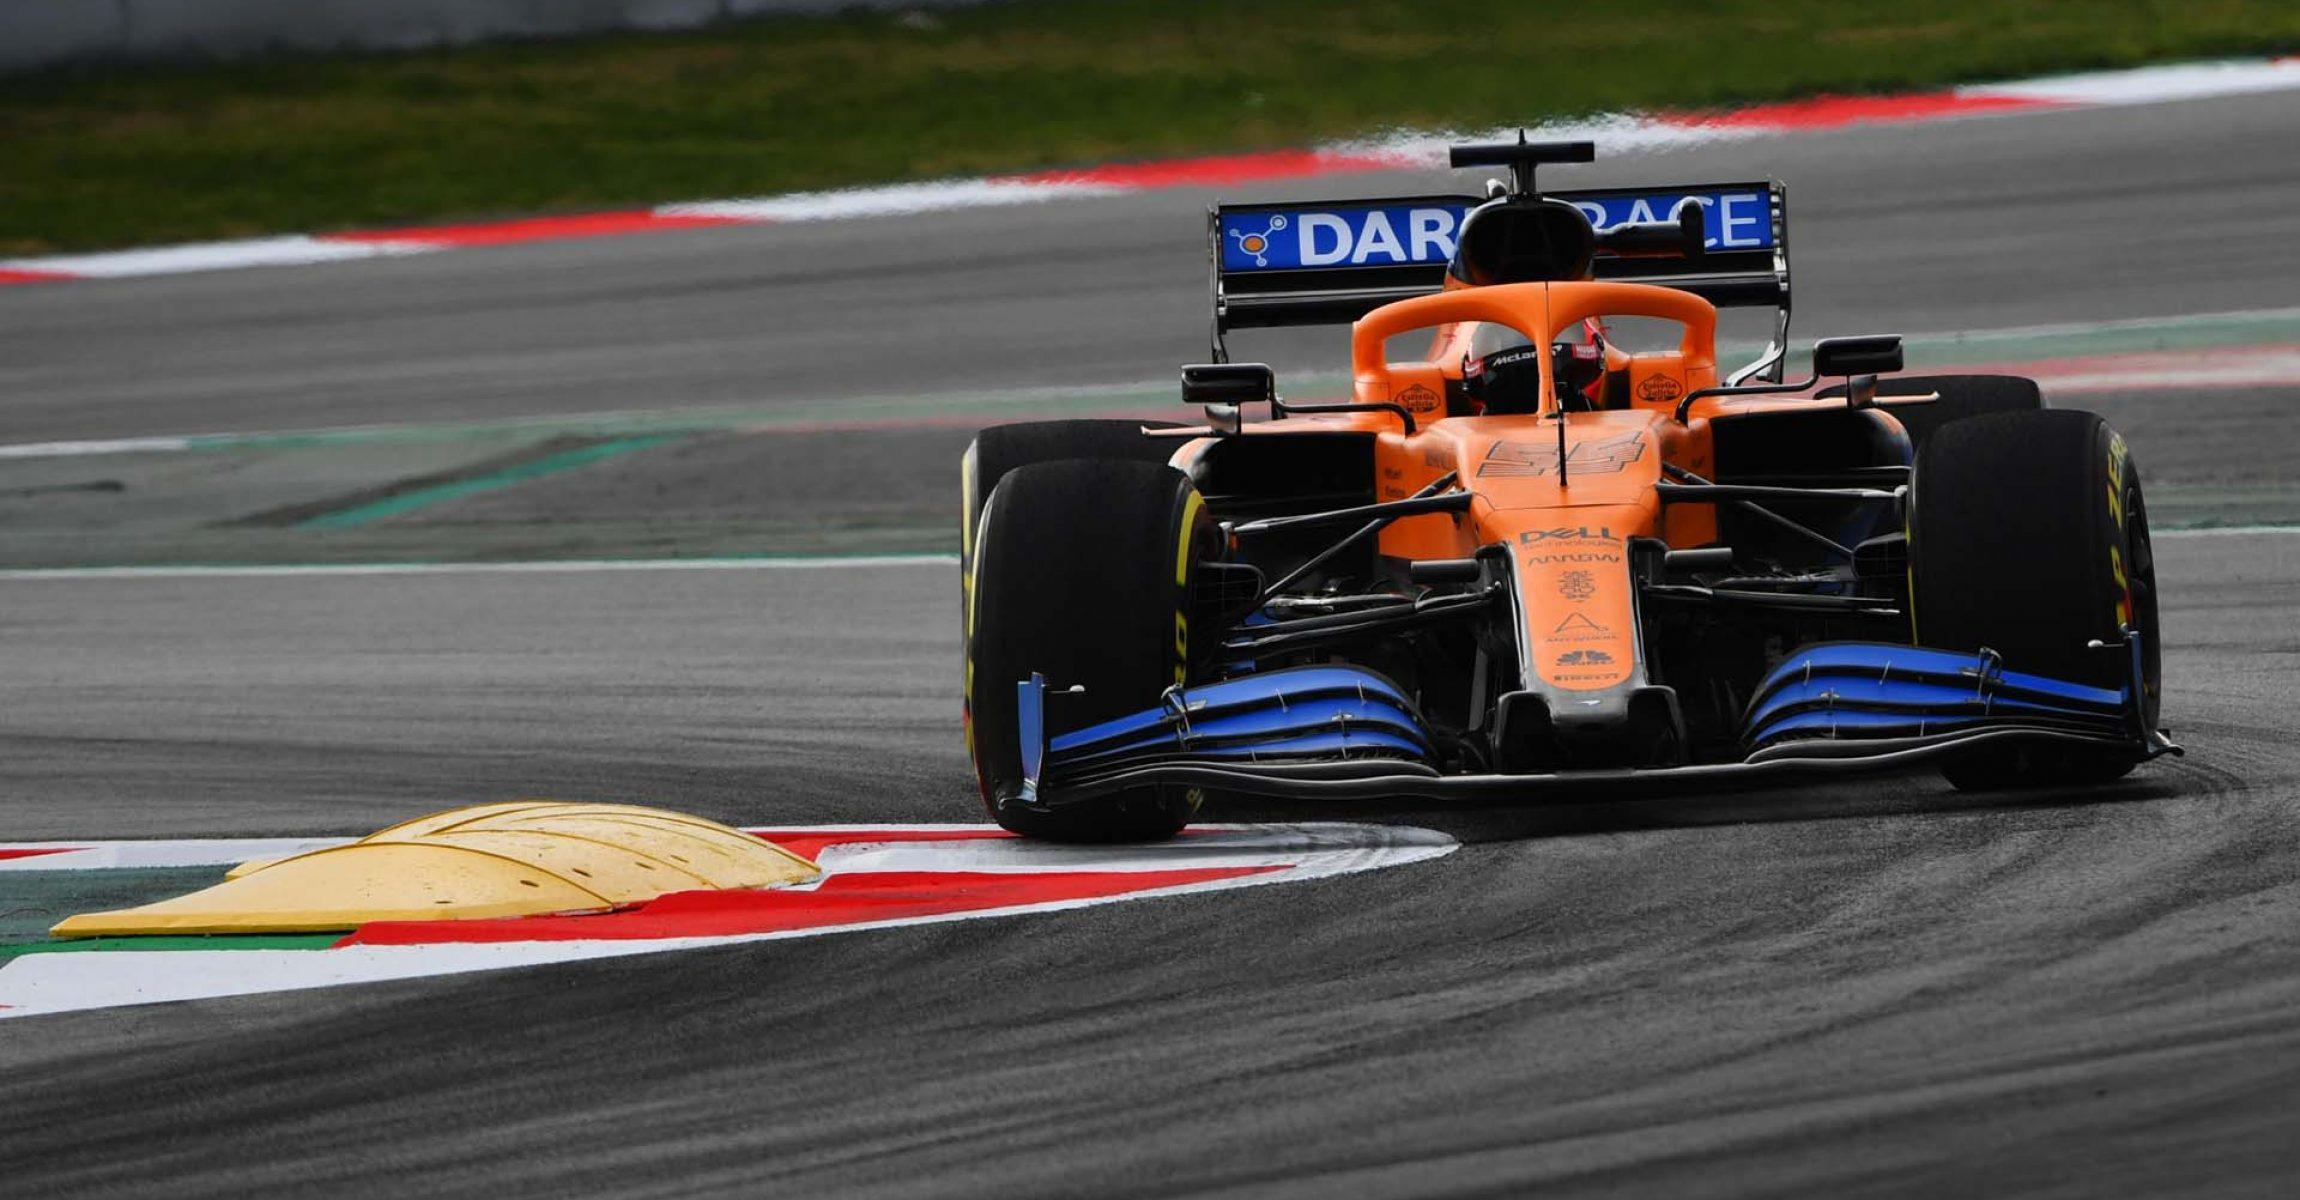 Carlos Sainz McLaren MCL35